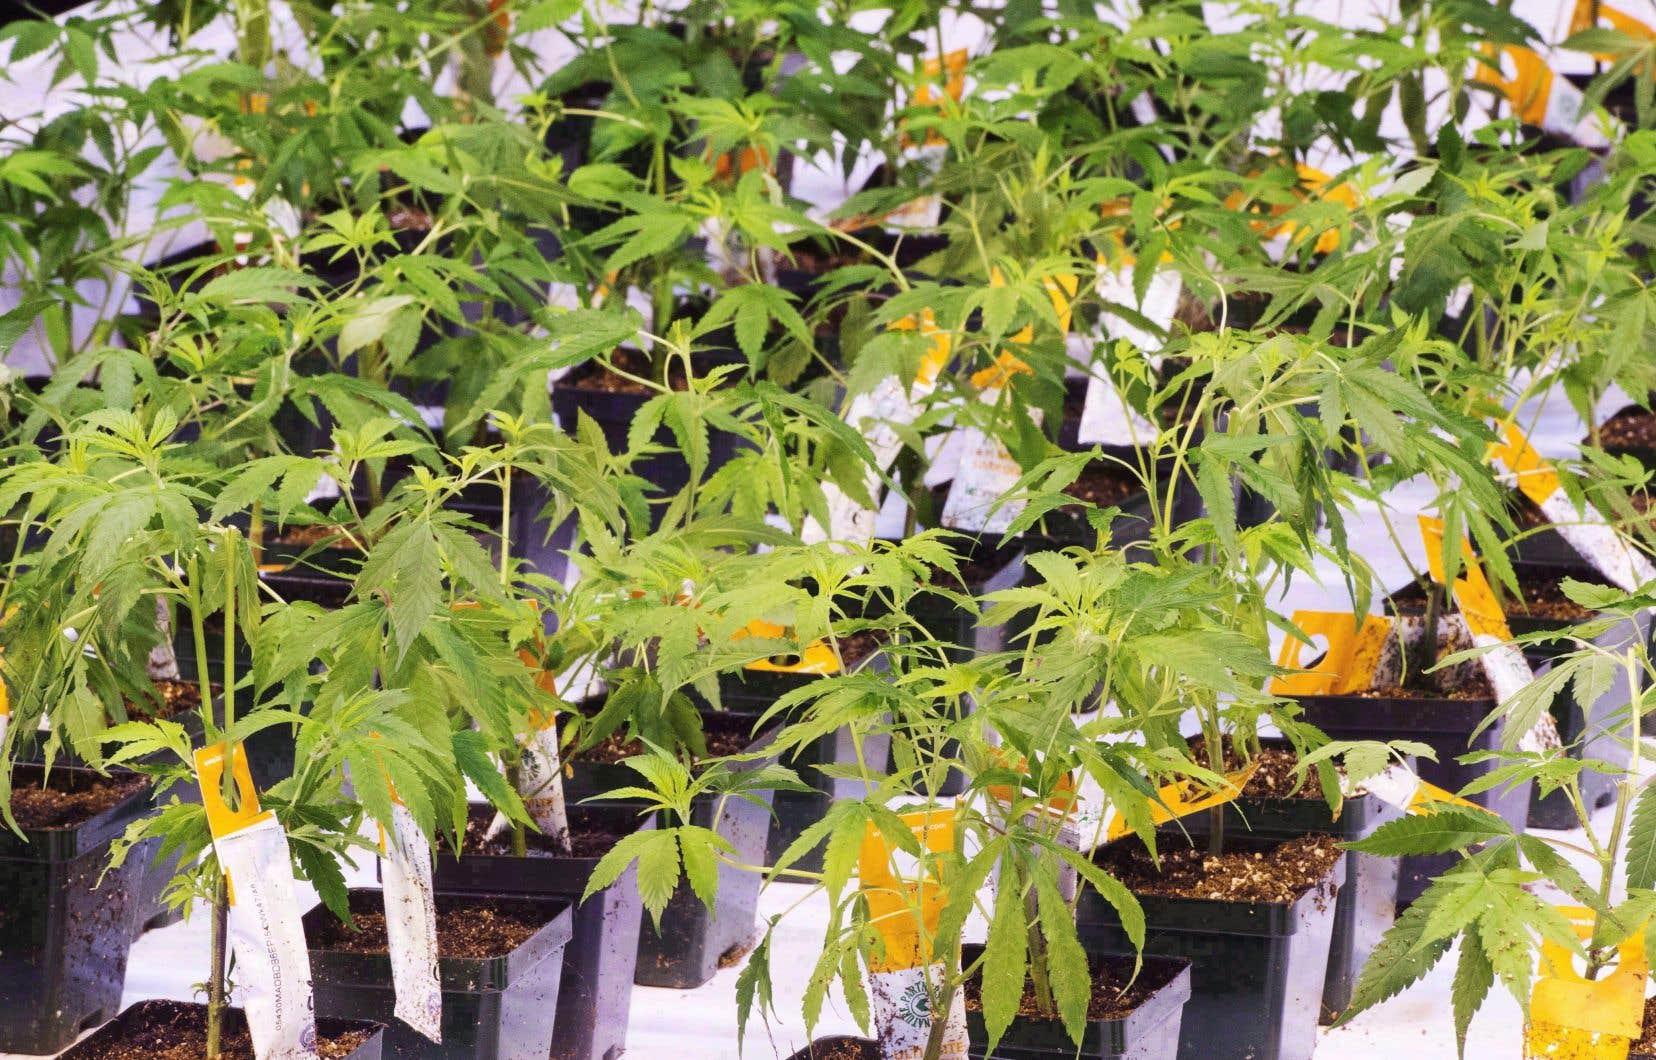 Le projet de loi encadrant la légalisation du cannabis au Québec a été adopté mardi matin.